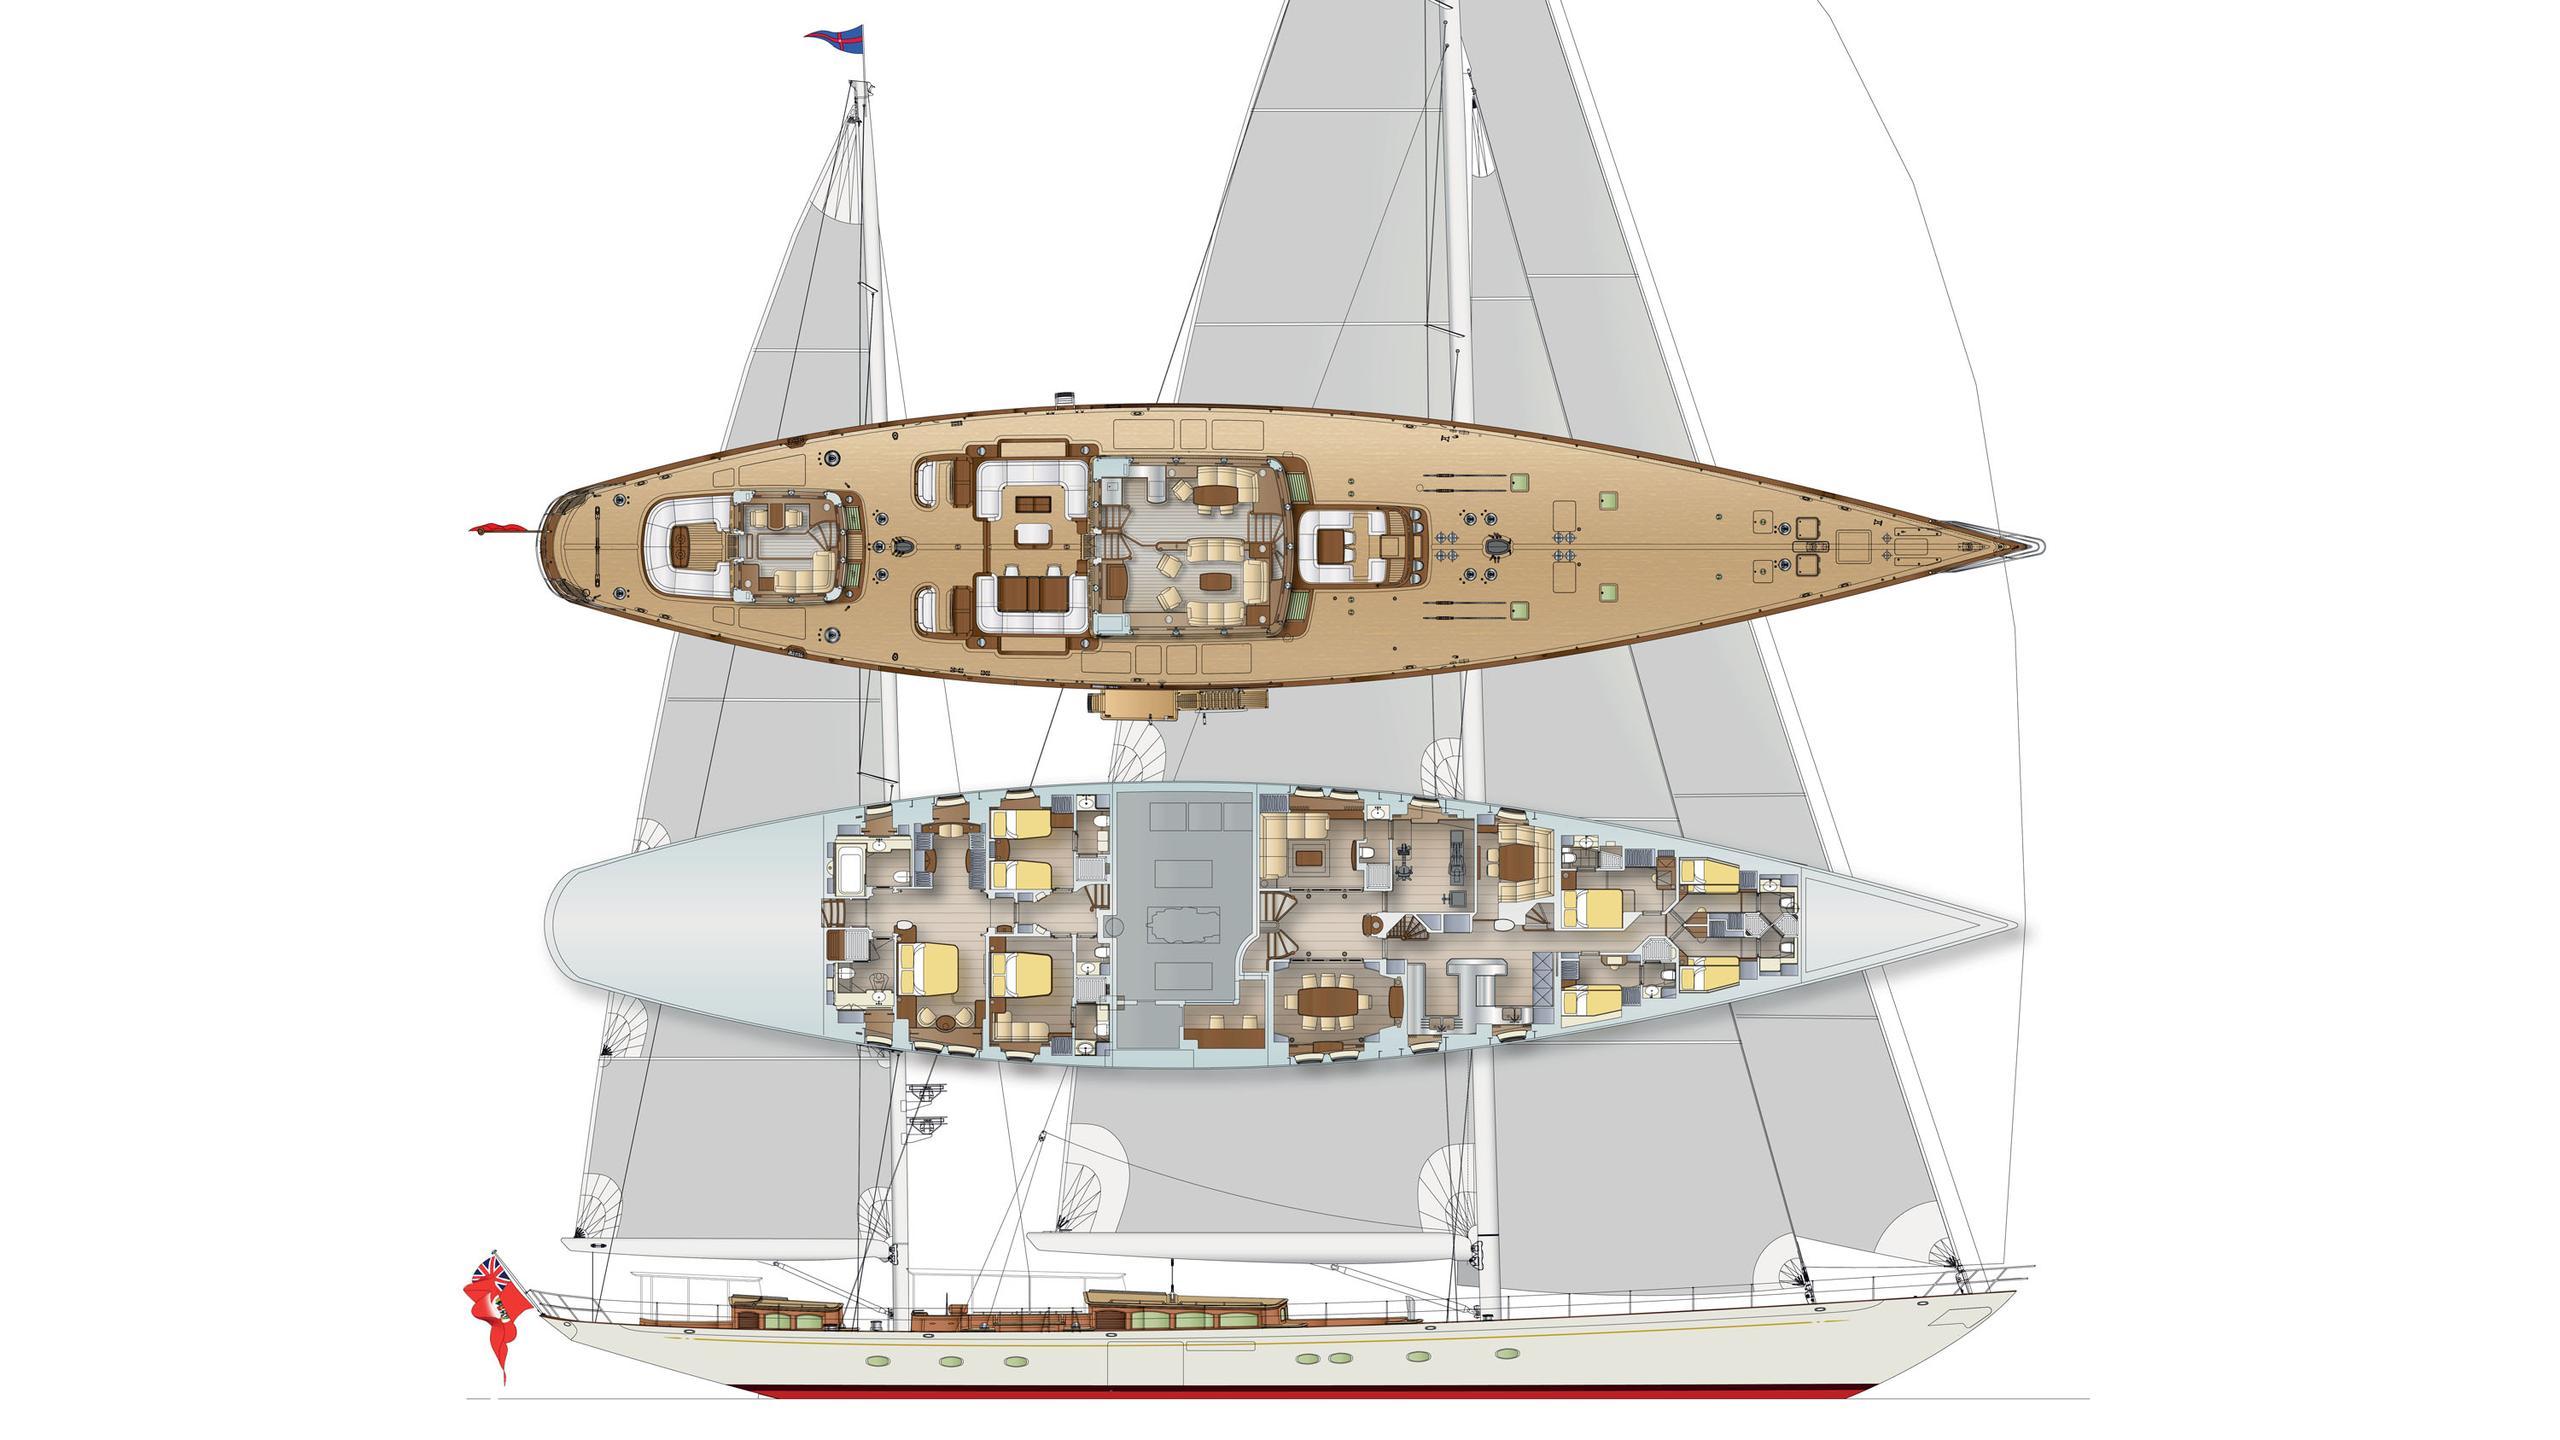 hoek 50m sailing yacht vitters 50m 2019 rendering